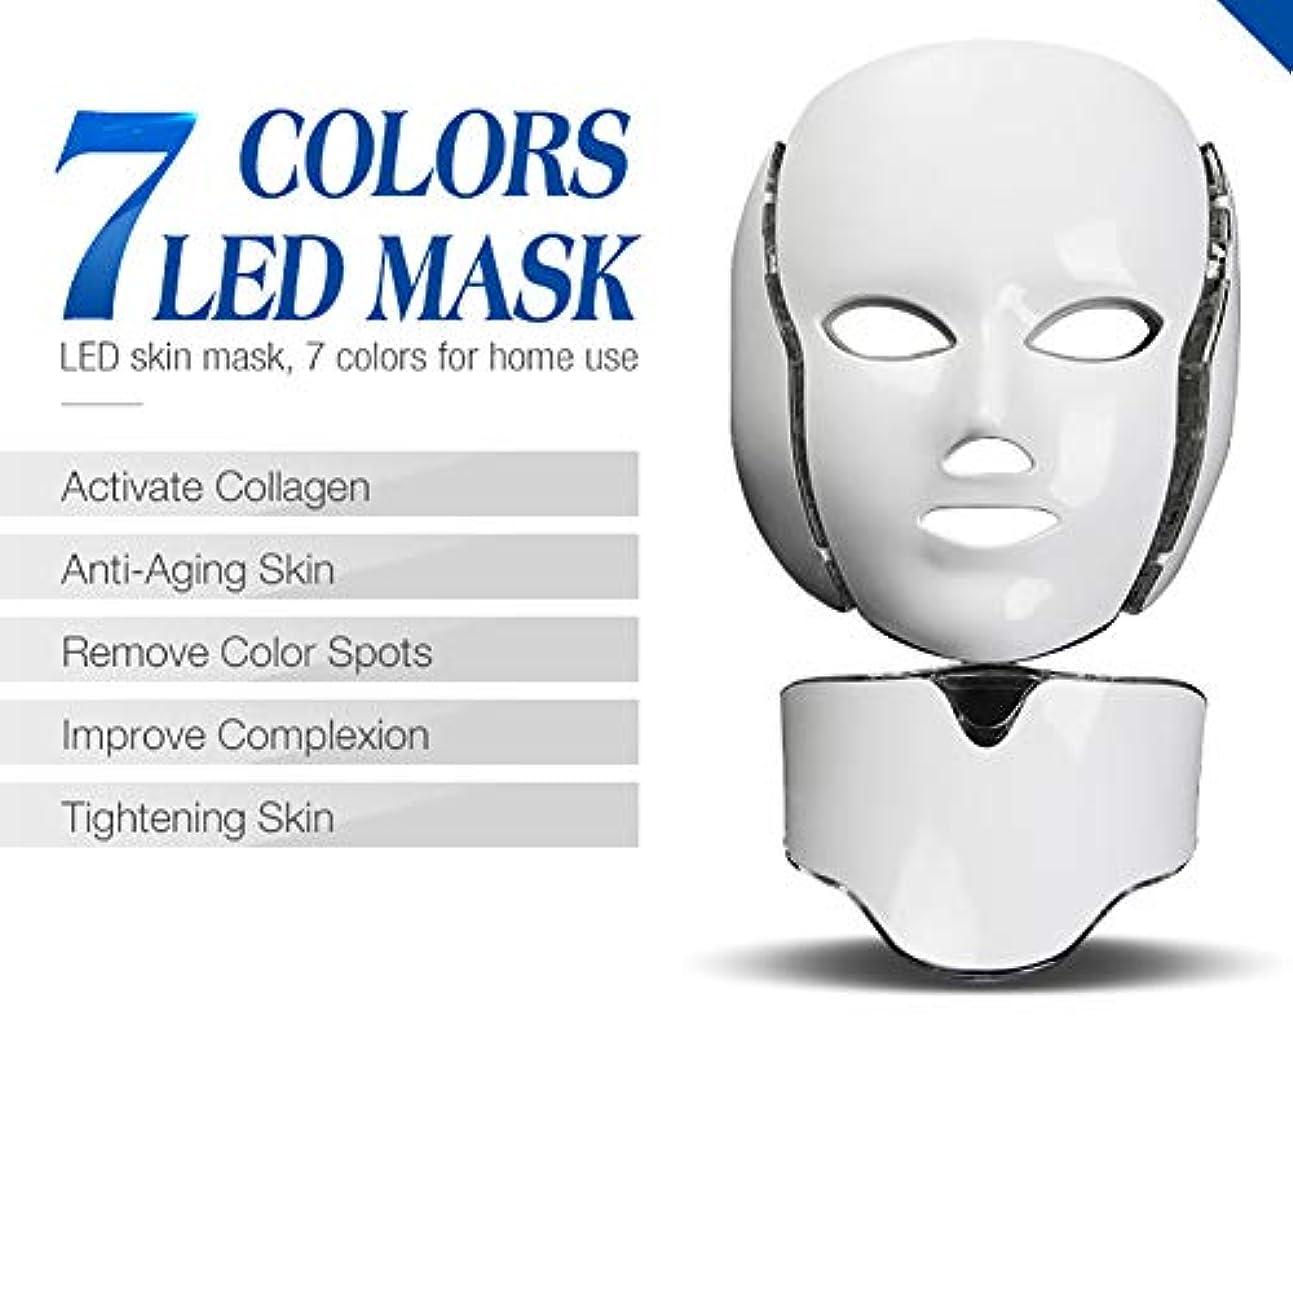 タイルサイバースペースキャップ7色ledフェイスマスク、7色電気ledフェイシャルマスク付きネック肌の若返り抗にきびシワ美容トリートメントサロンホームユース